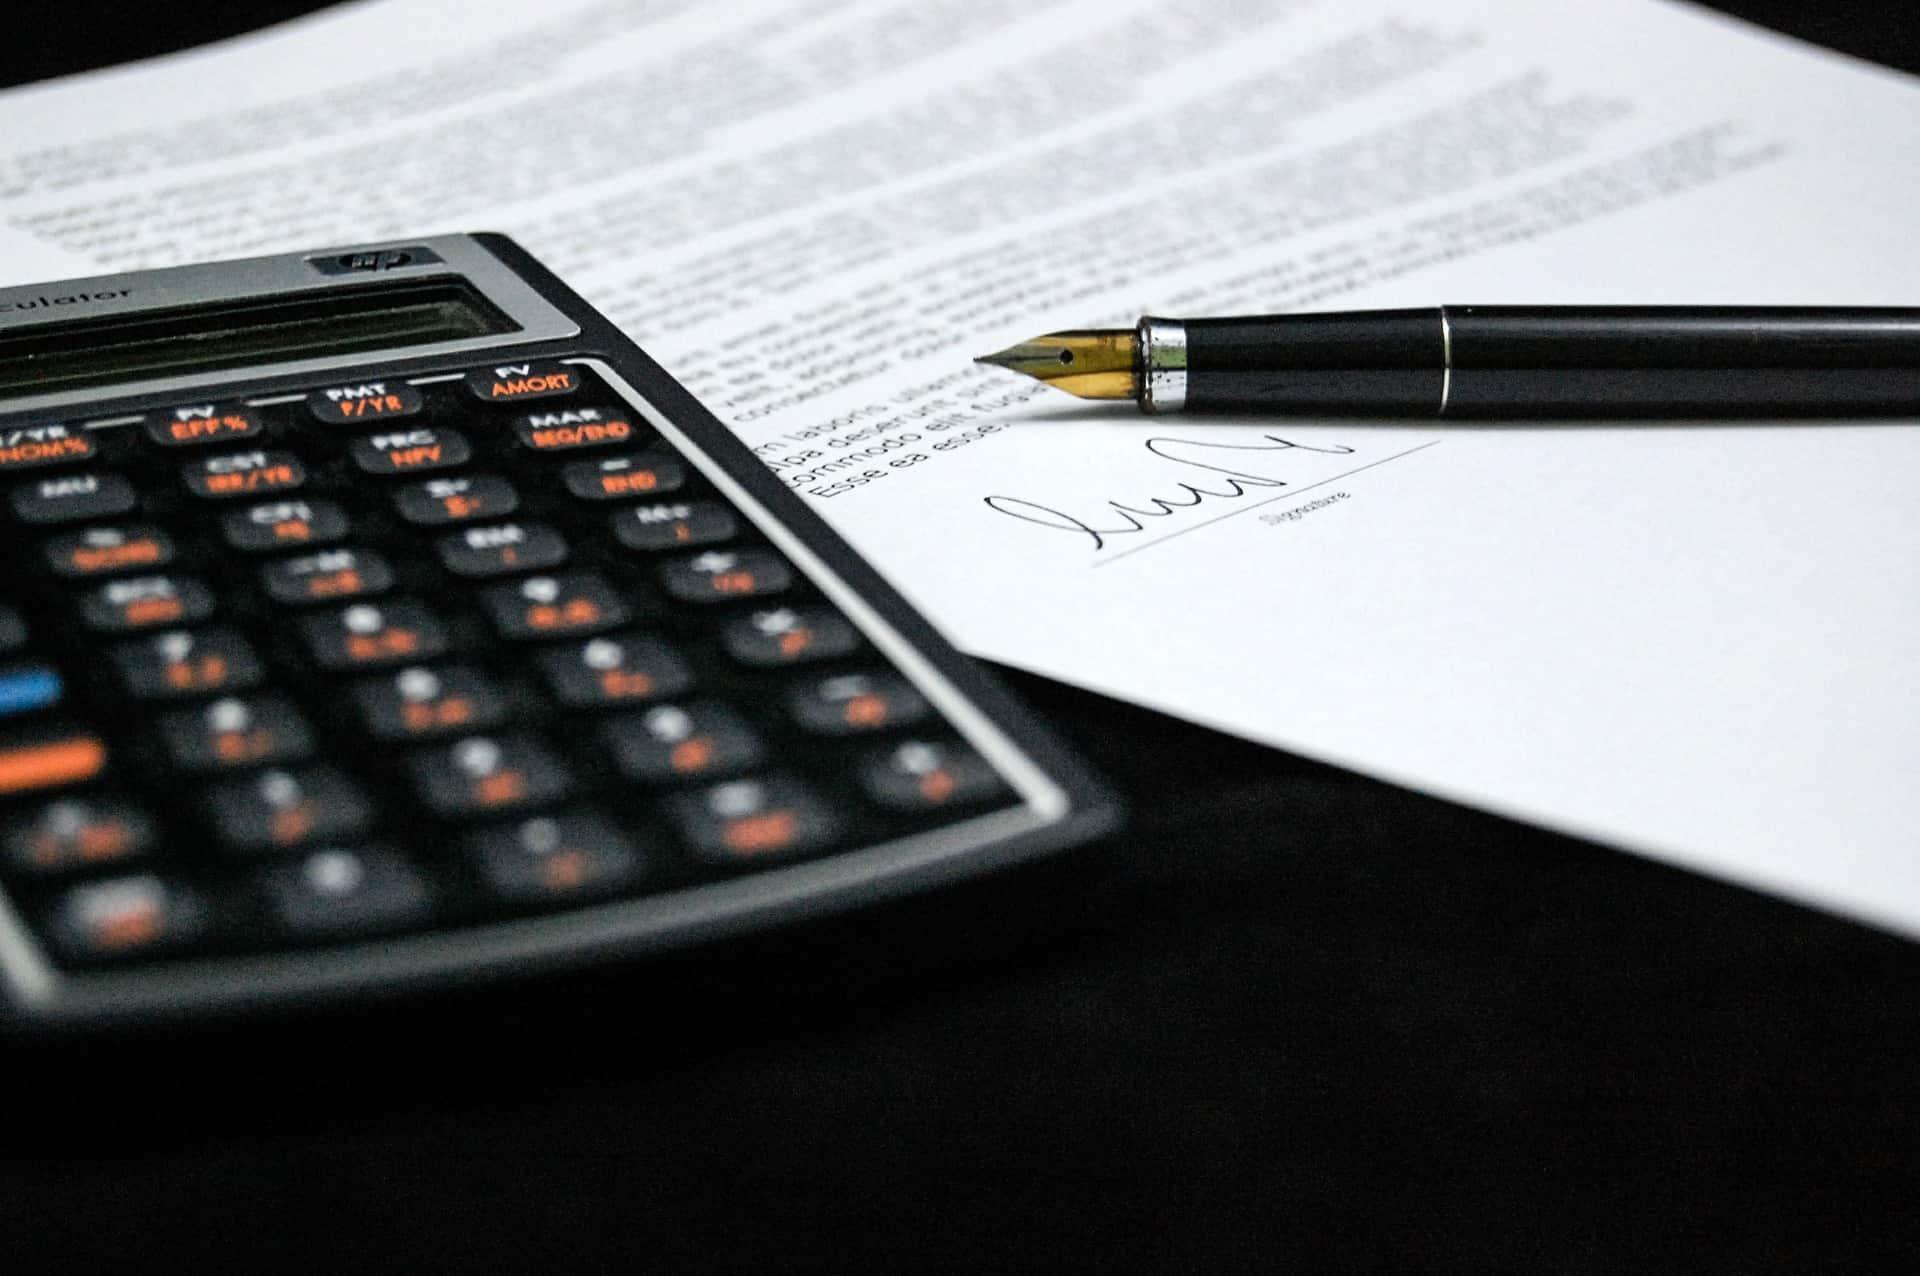 A Melhor Calculadora Científica deve ter os melhores recursos.